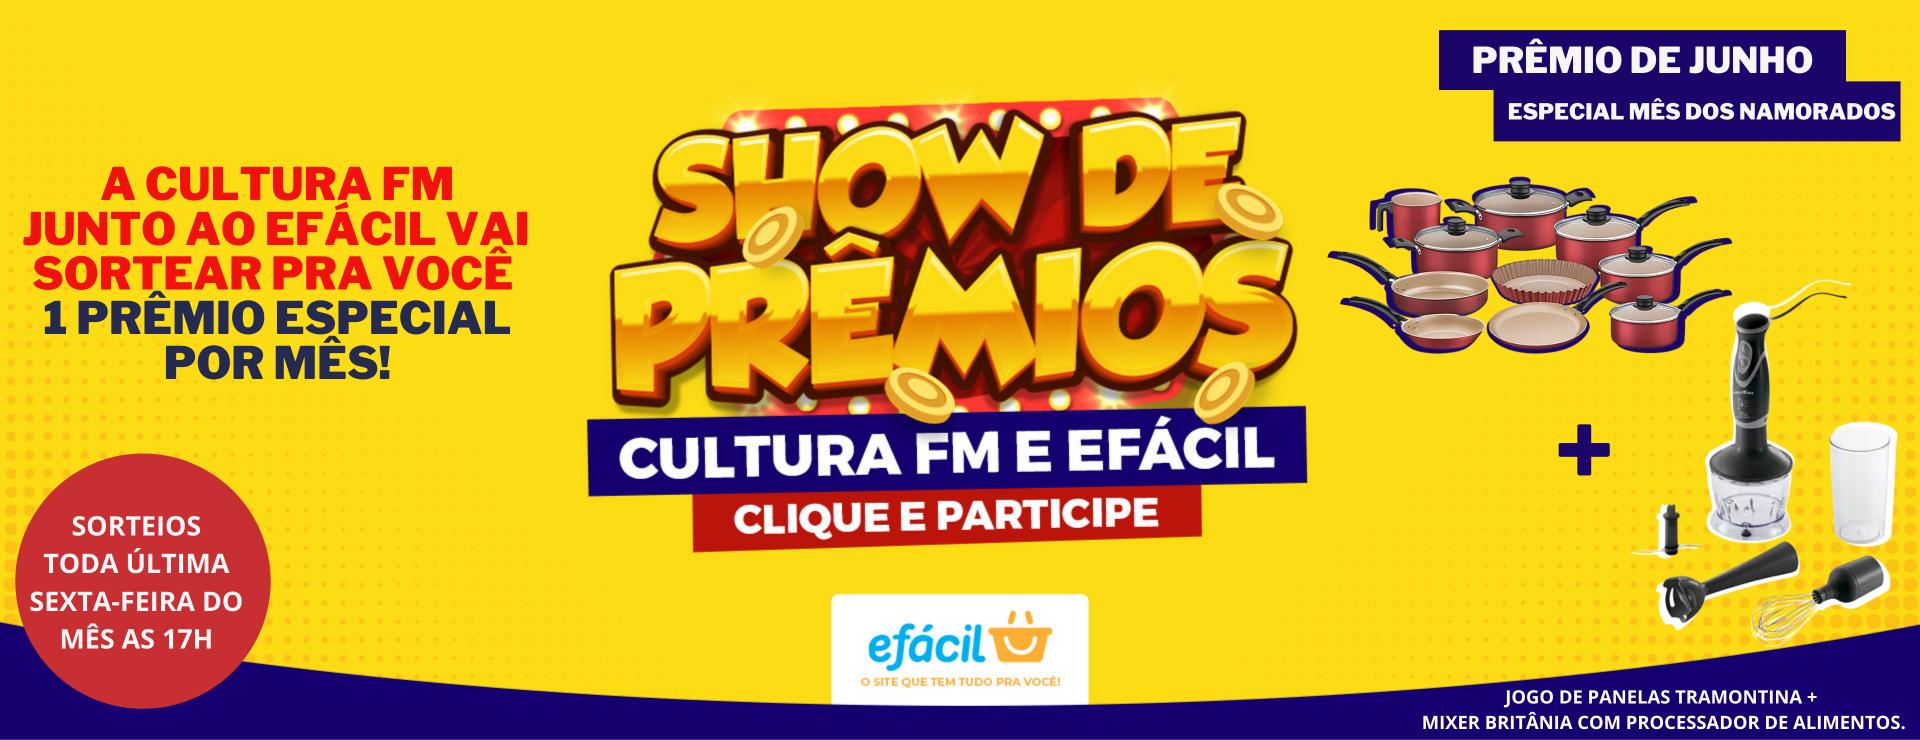 Show de premios